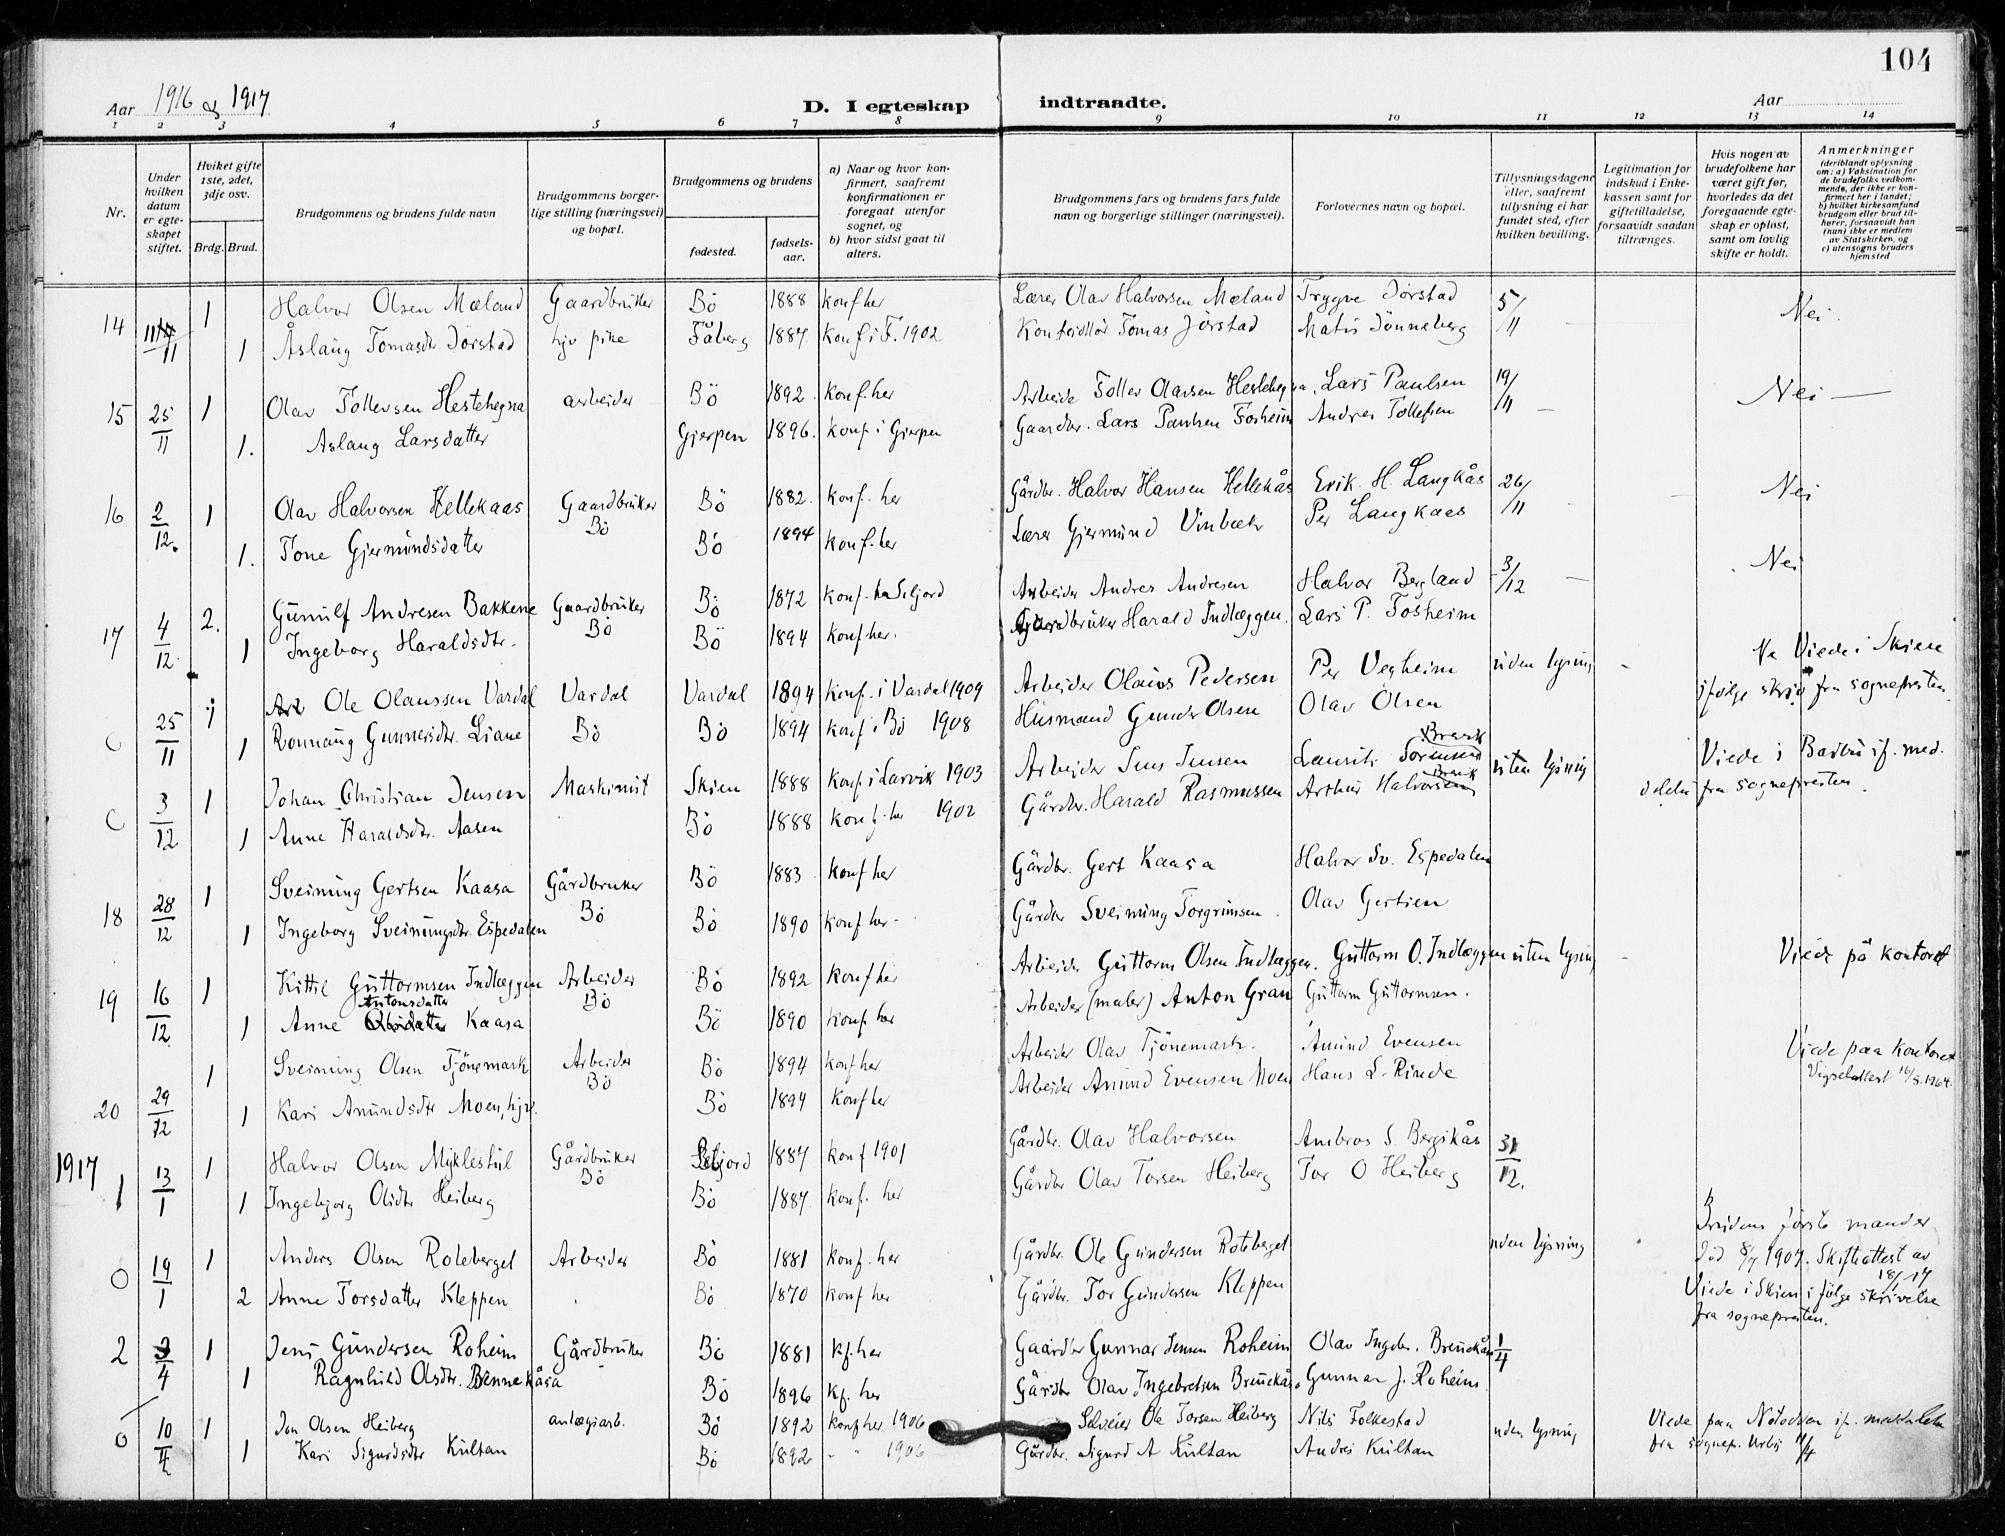 SAKO, Bø kirkebøker, F/Fa/L0013: Ministerialbok nr. 13, 1909-1921, s. 104